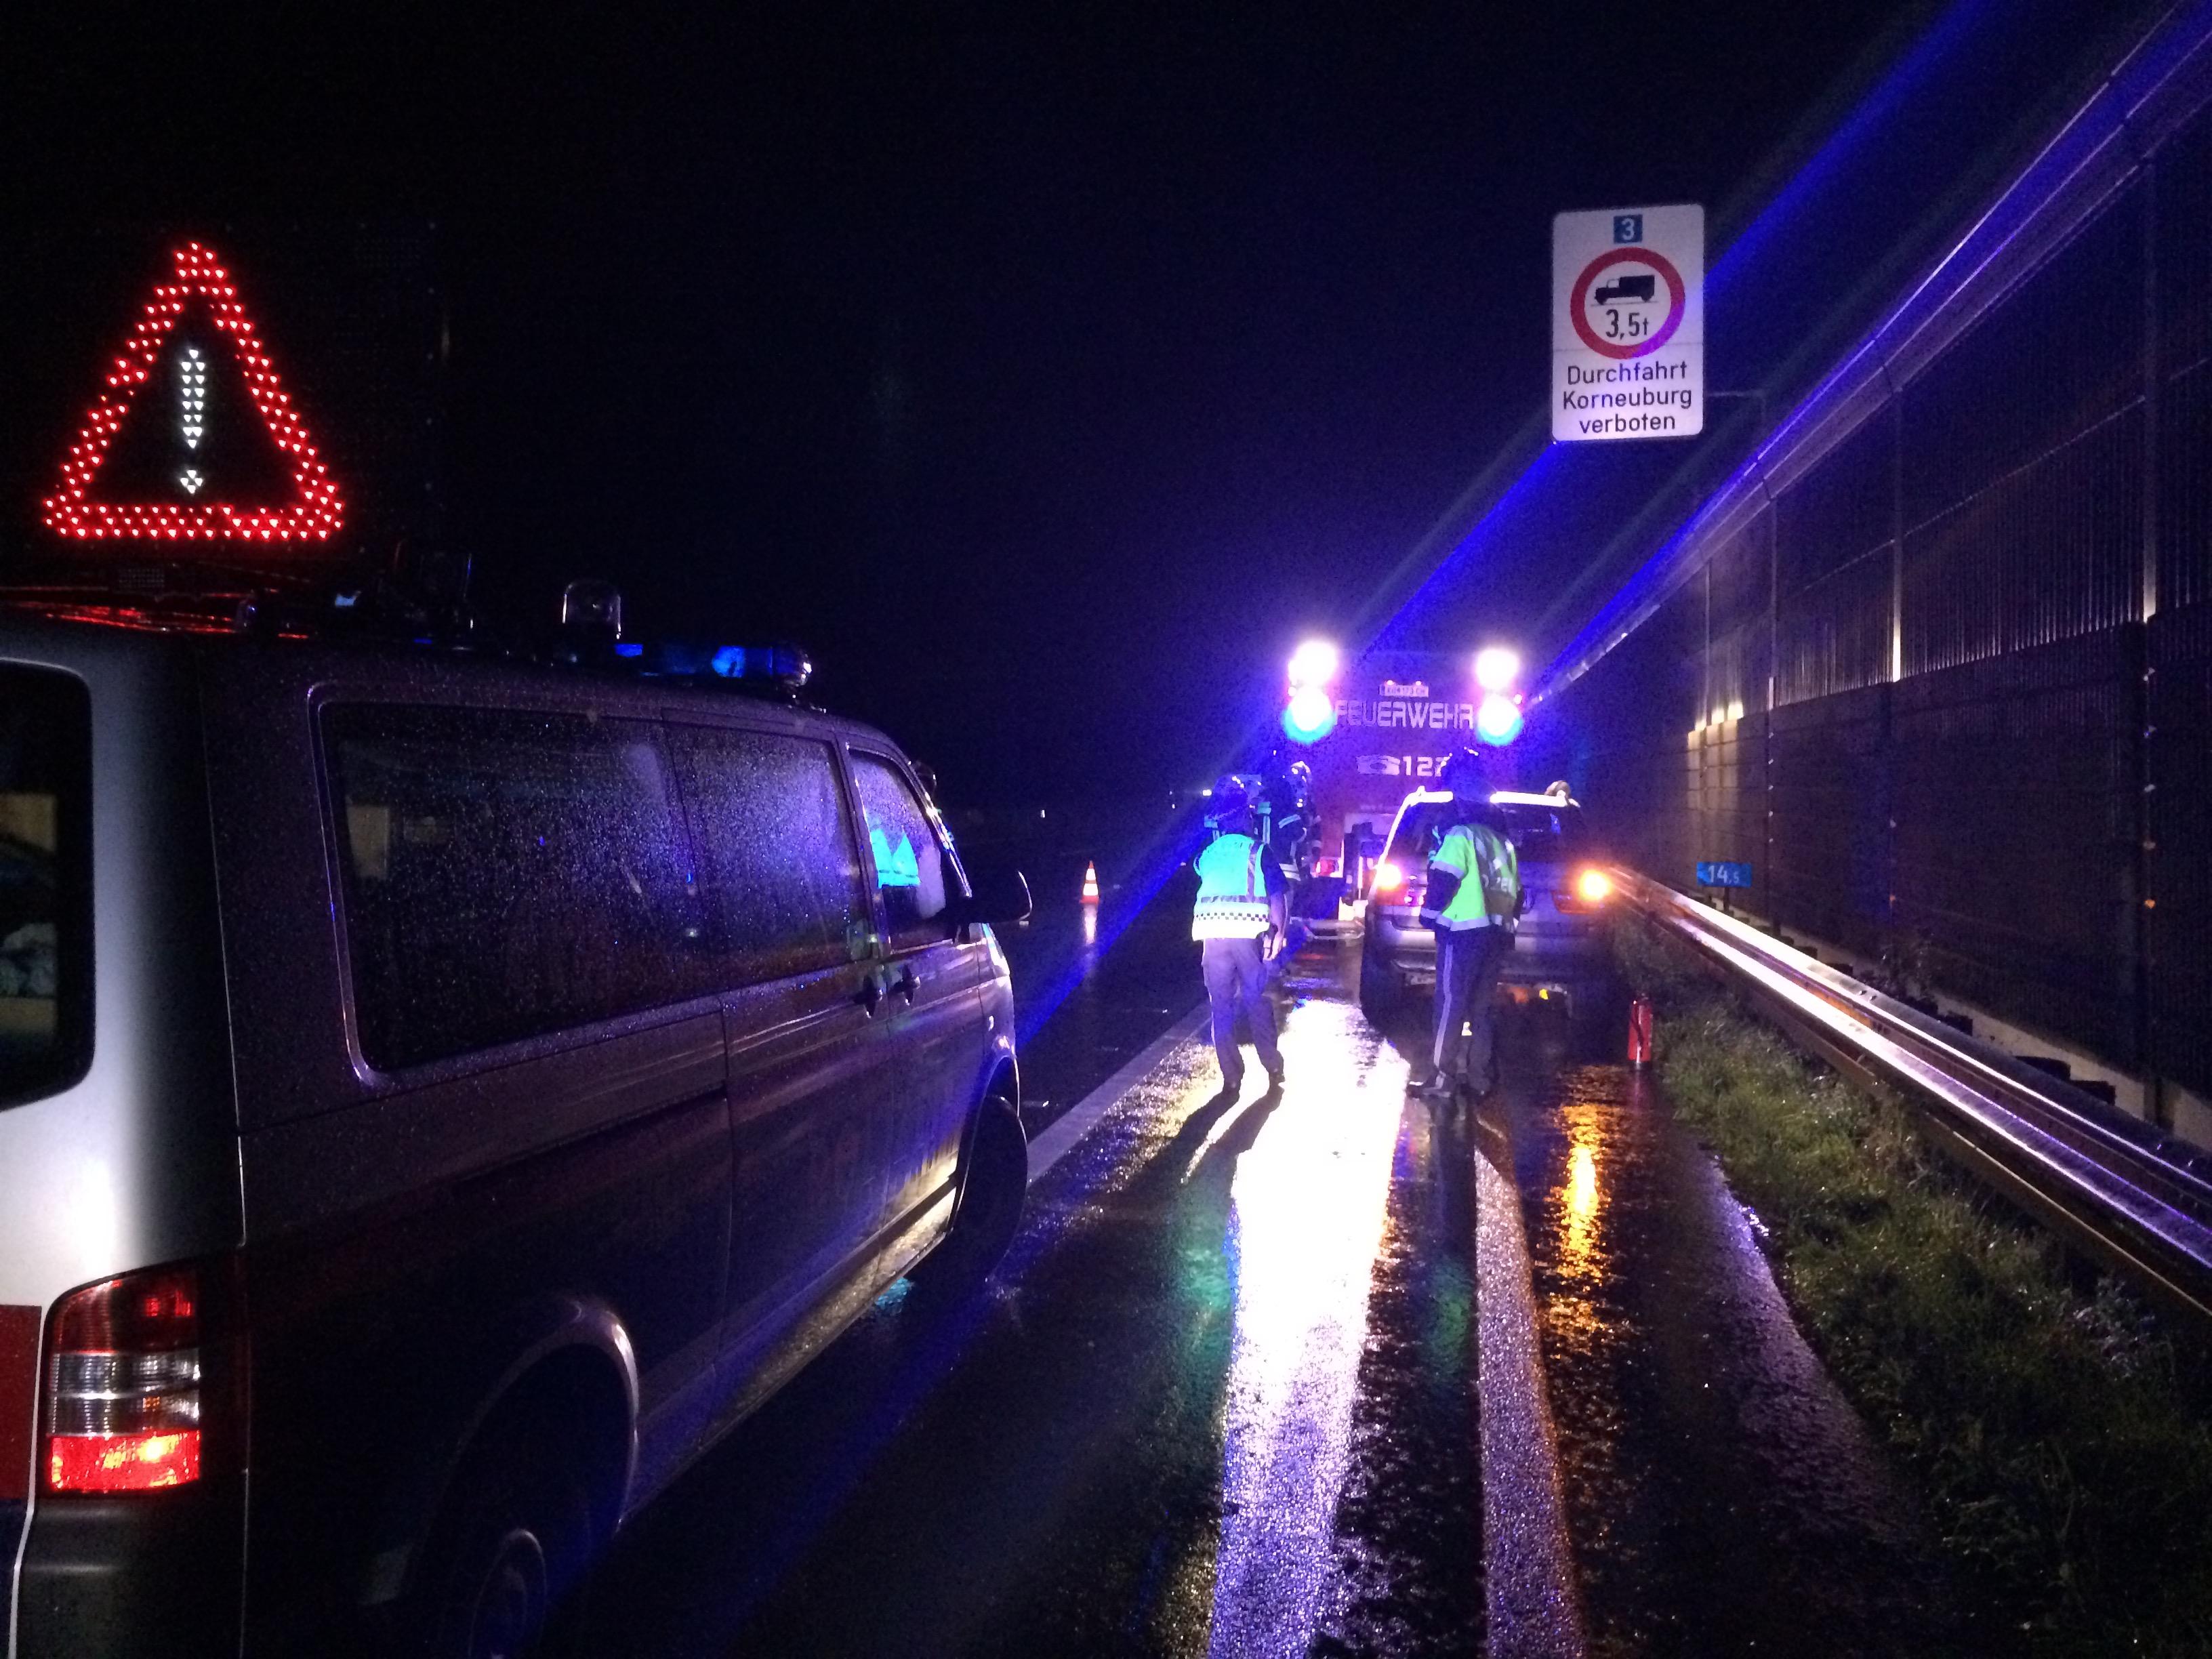 Einsatzfoto Verkehrsunfall bei Starkregen auf der A22